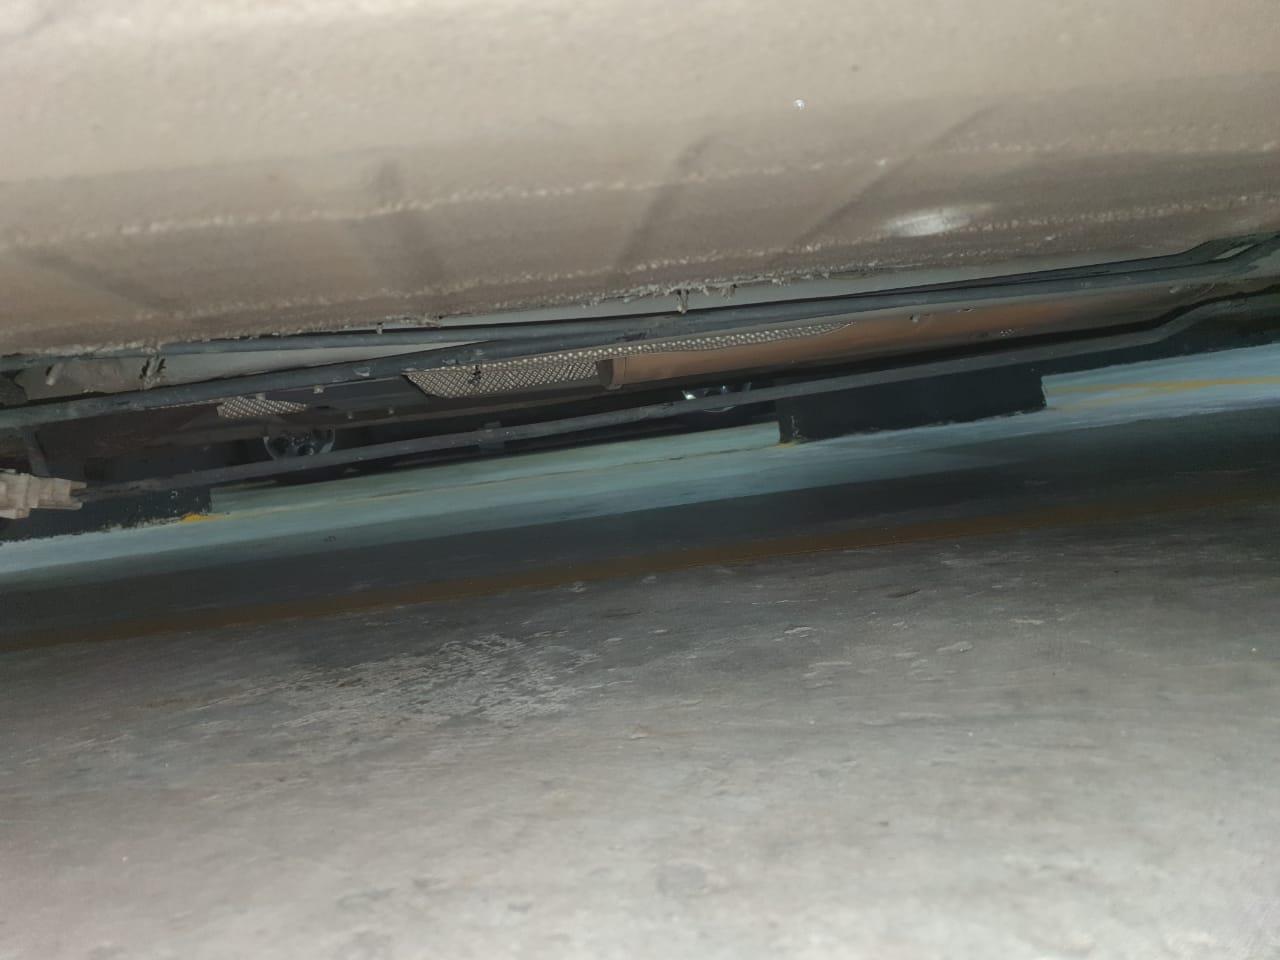 Peça Solta debaixo do carro. Não sei o que é Whats-App-Image-2021-01-04-at-14-12-19-1